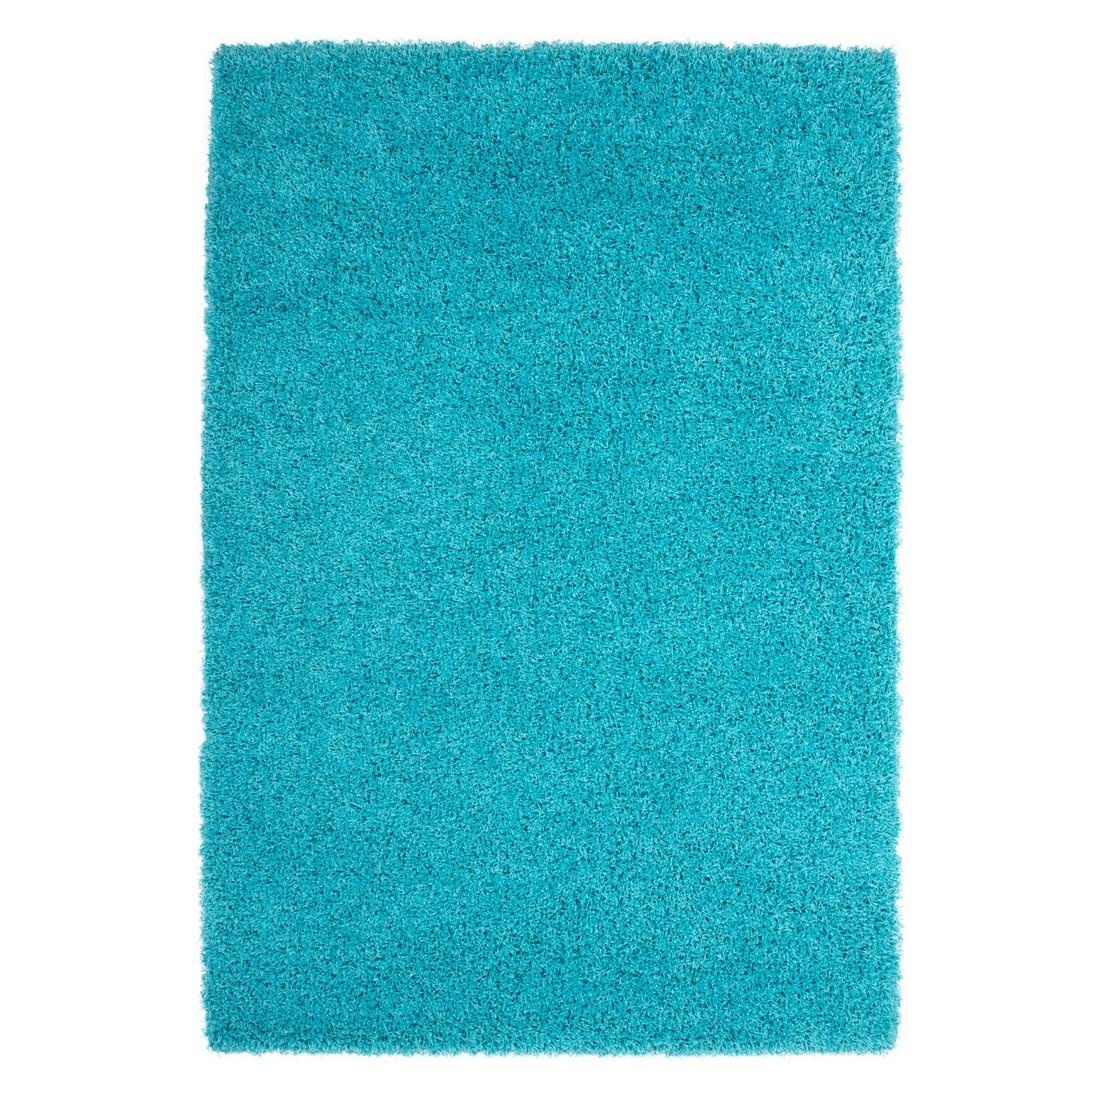 Teppich Aqua Preis & Vergleich 2016  PreisVergleicheu